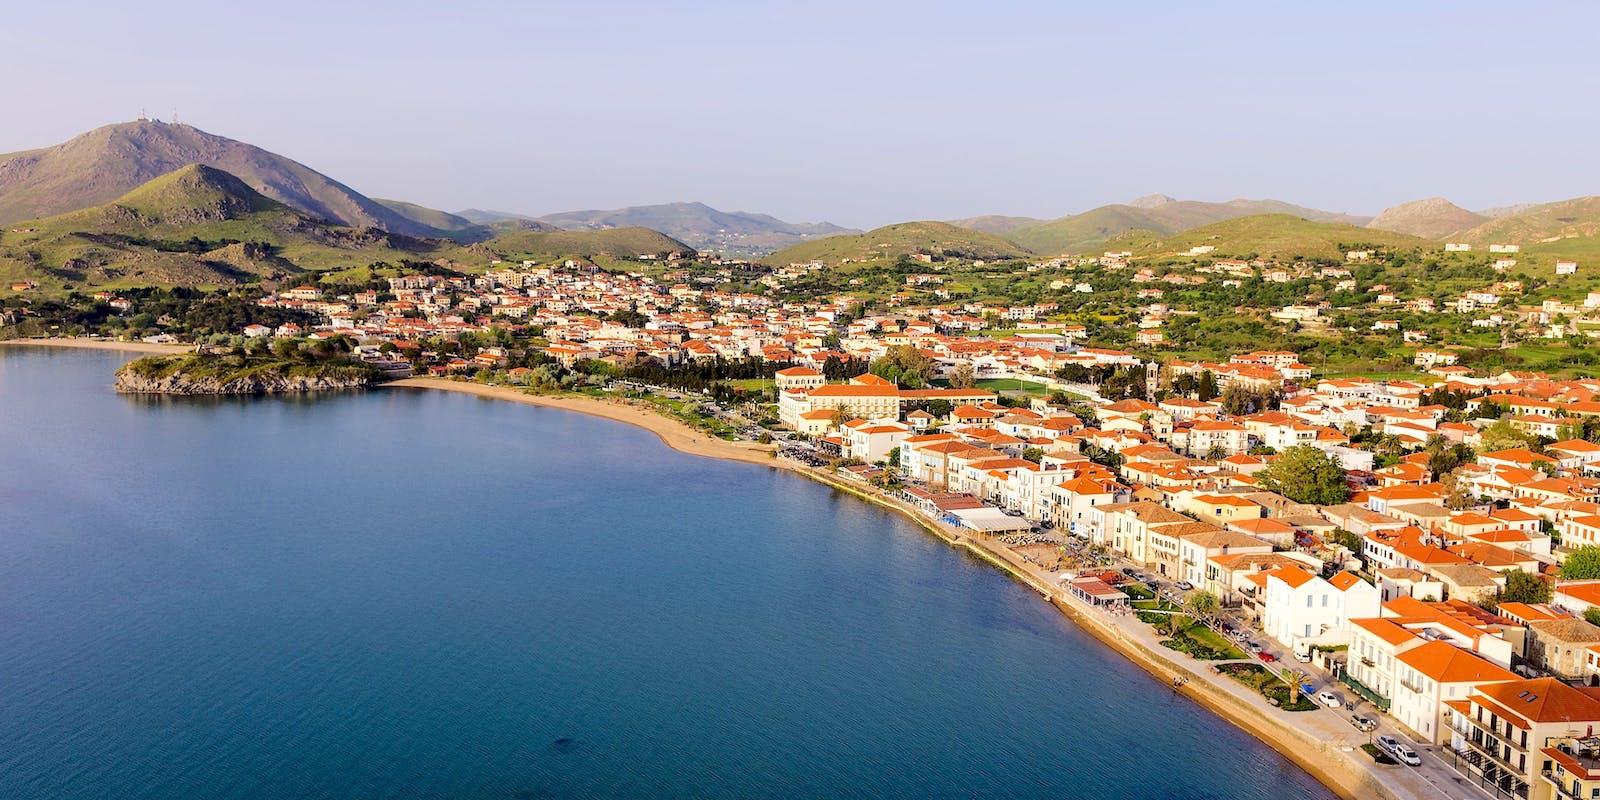 Limnos, Nördliche Ägais | Griechenland.de